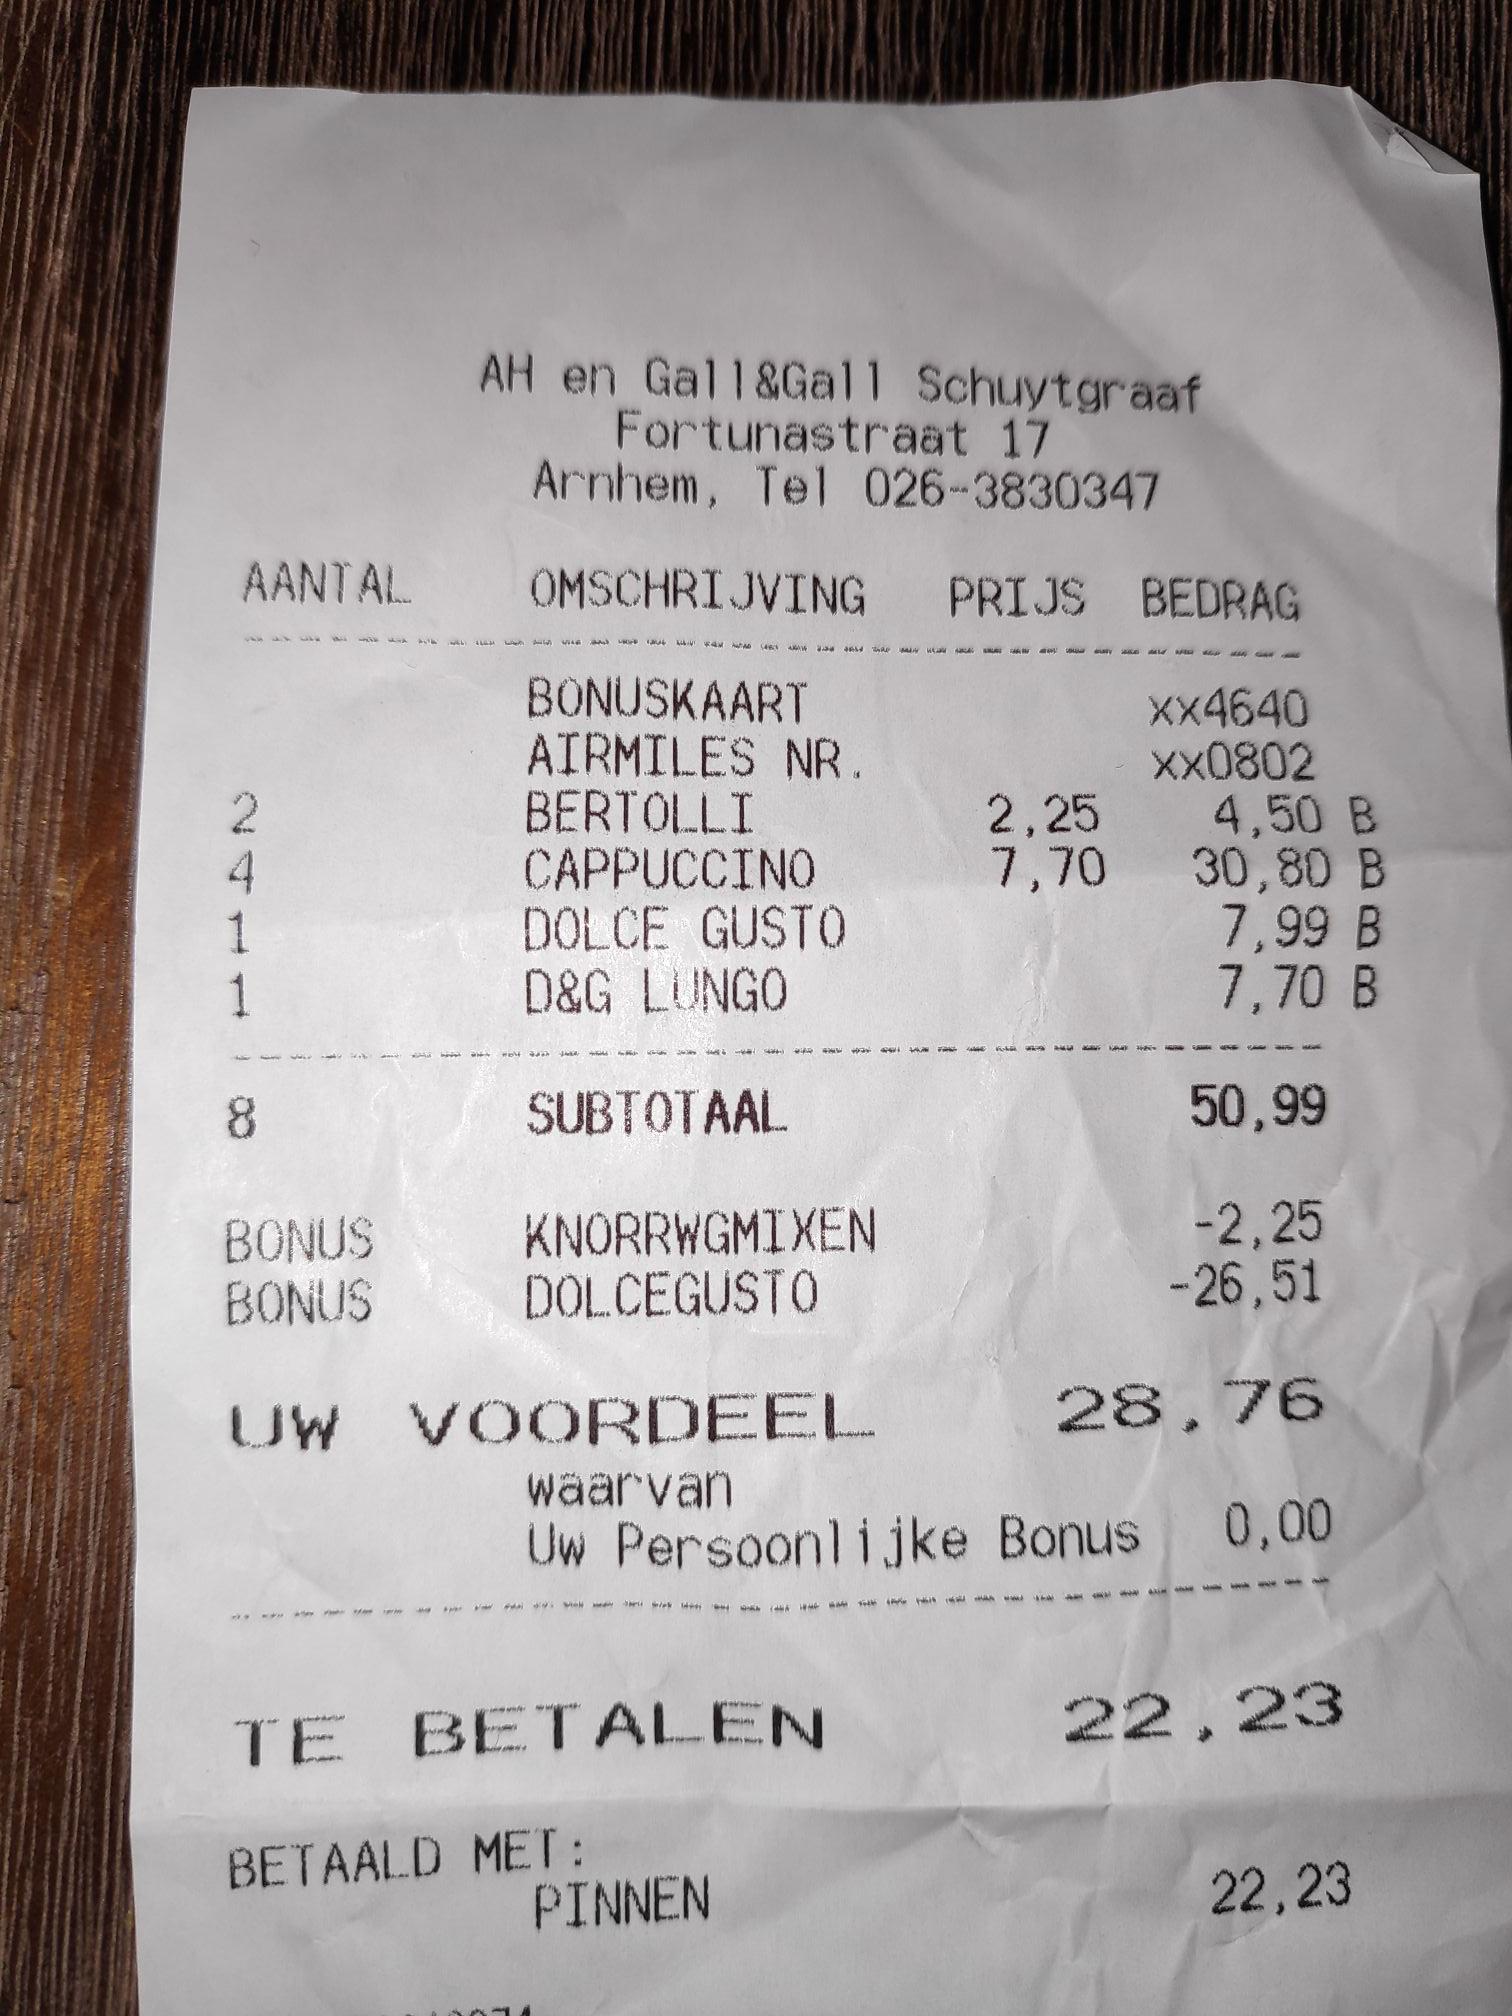 [Prijsfout] 3x Grootverpakking Dolce Gusto voor €9,99 werkt ook bij AH